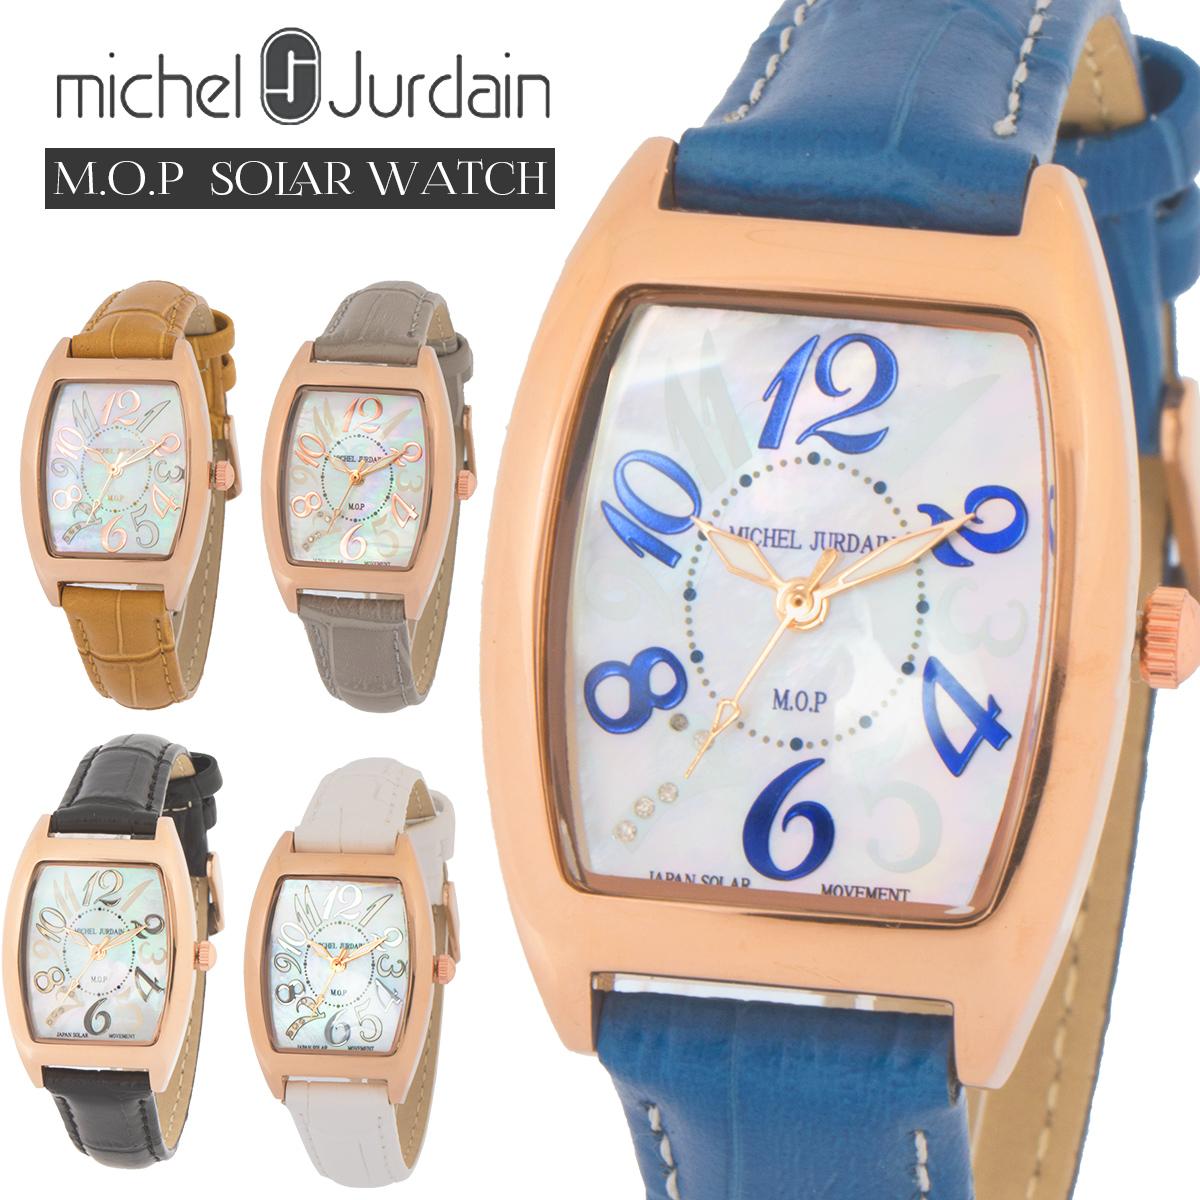 レディース 腕時計 ソーラー ミッシェル・ジョルダン MICHEL JURDAIN トノー型ダイヤモンド SL-2100 時計